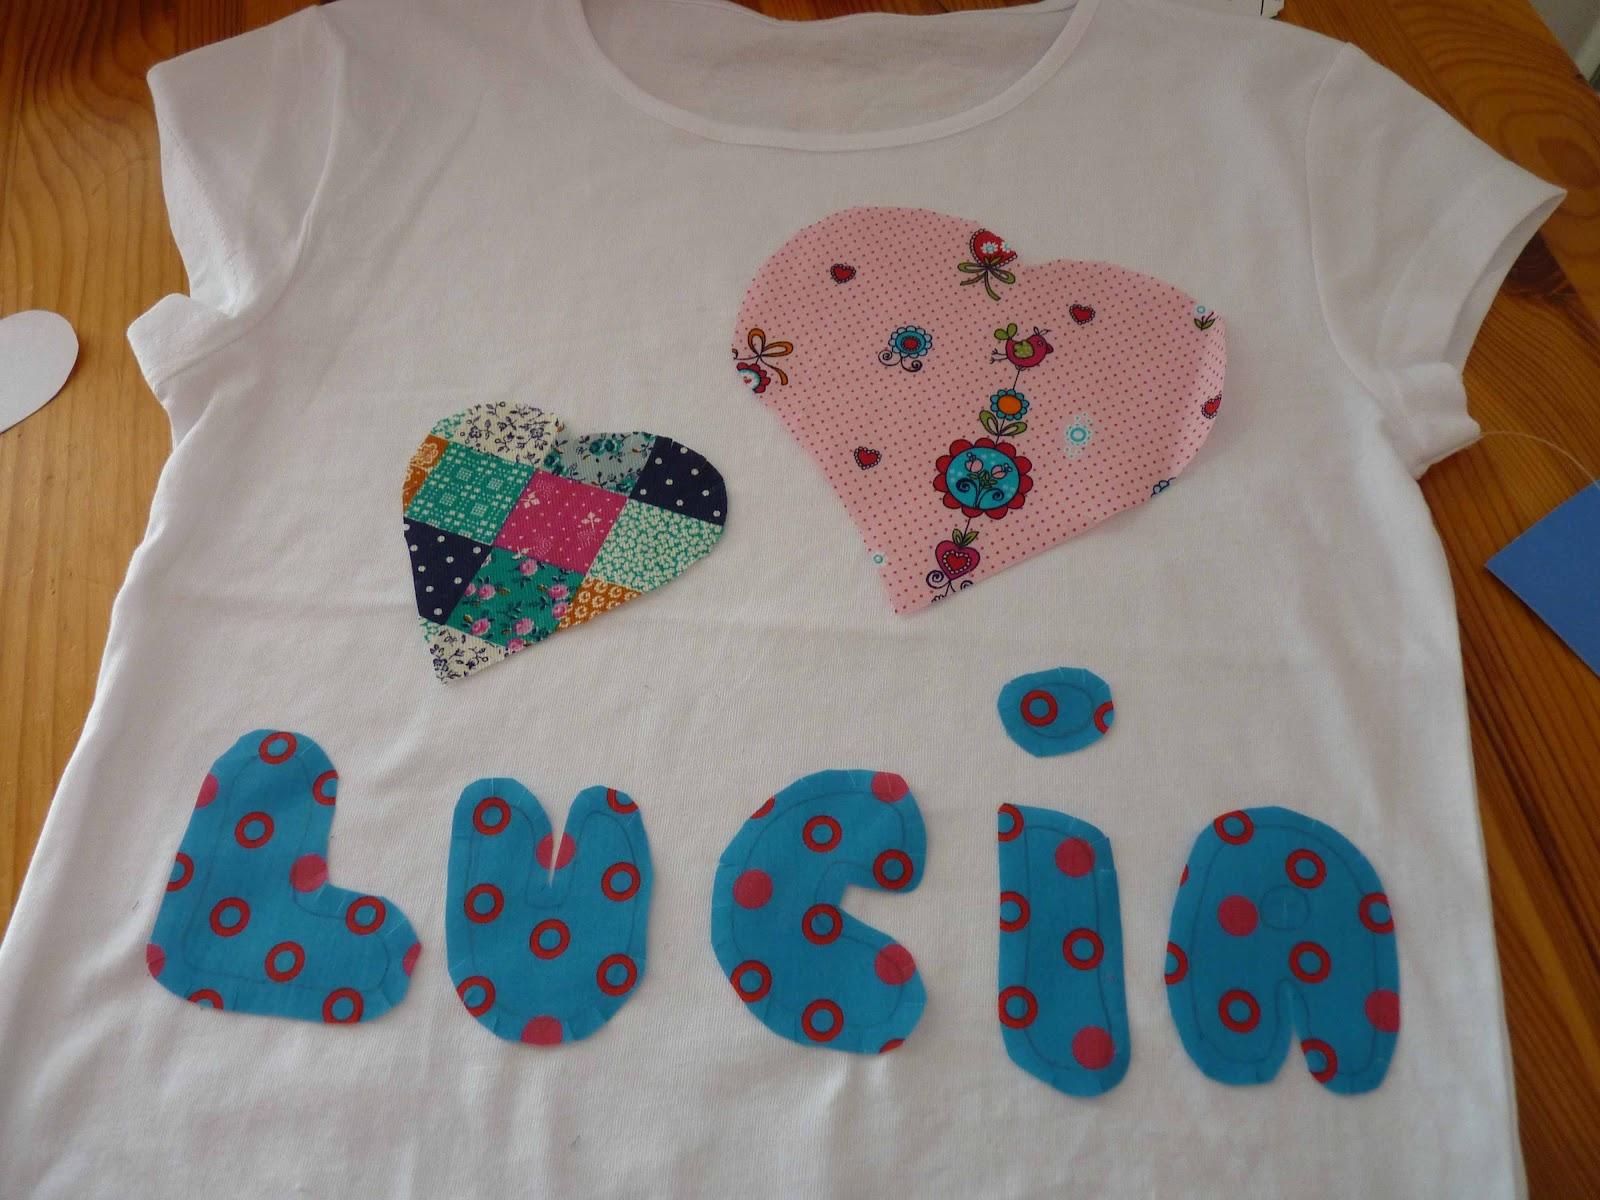 Como Decorar Camisetas Infantiles Con Telas Imagui ~ Ideas Para Decorar Camisetas Infantiles